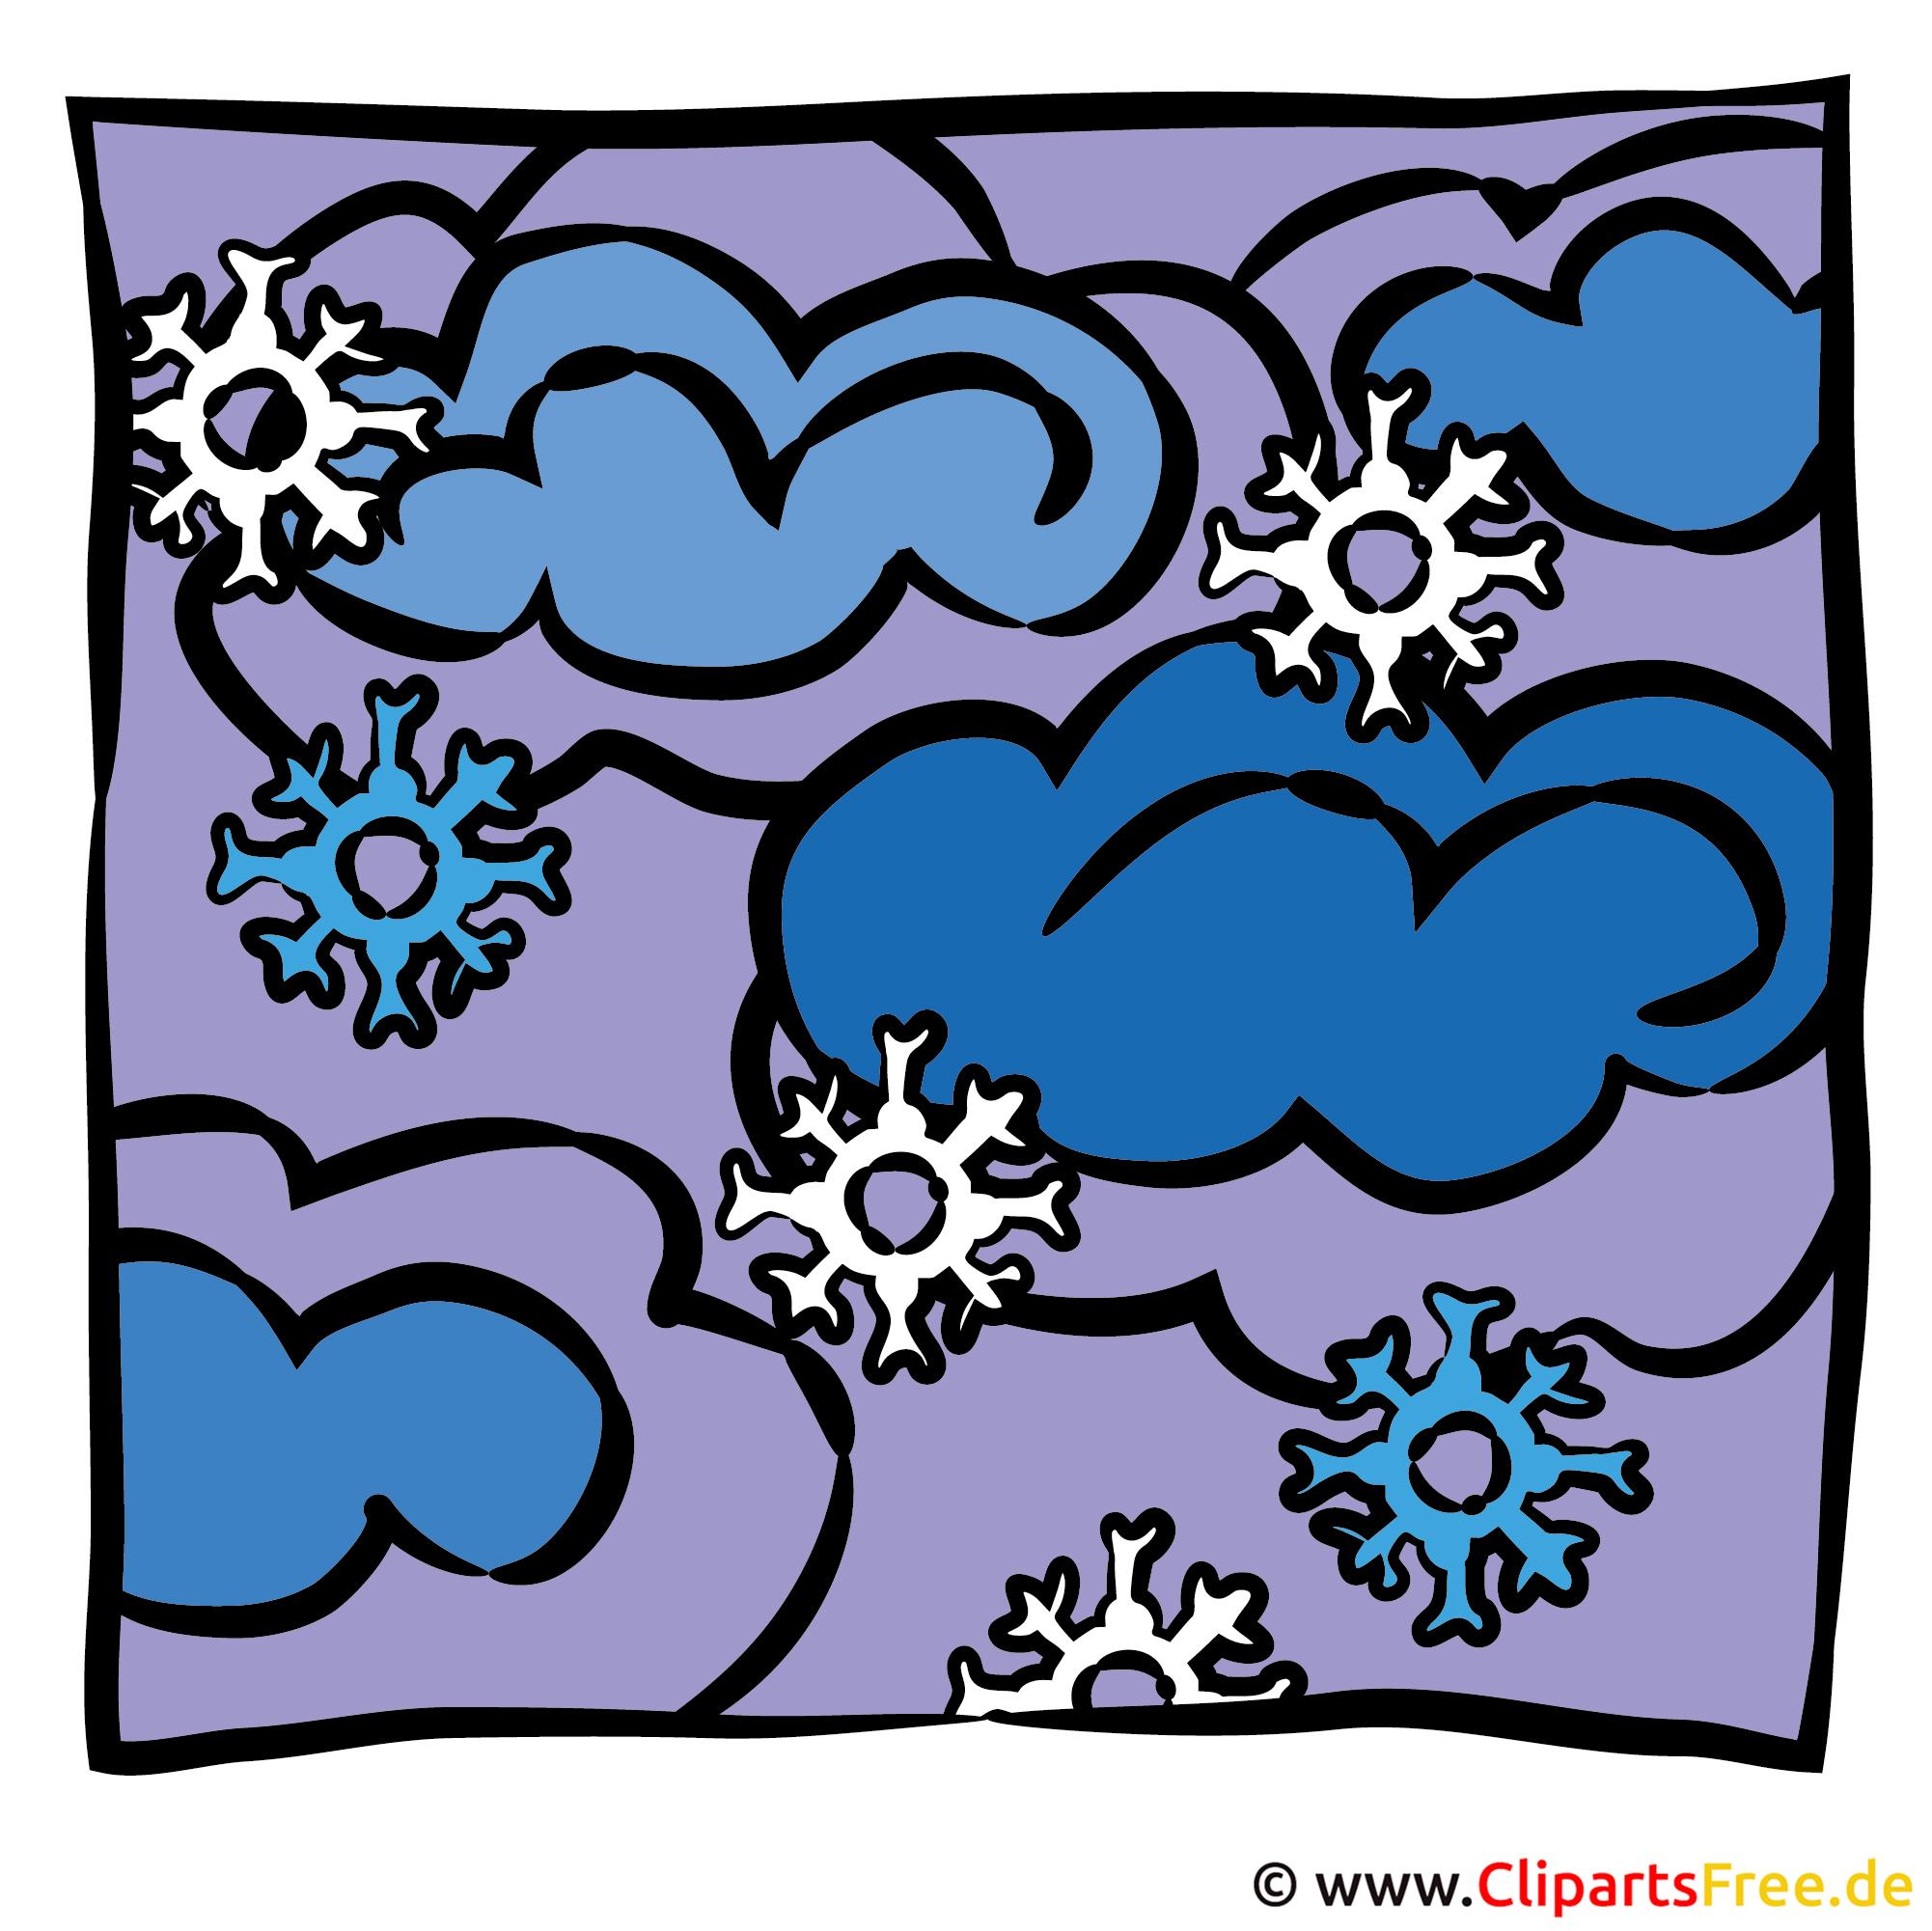 Schnee Bild - Wetter Bilder